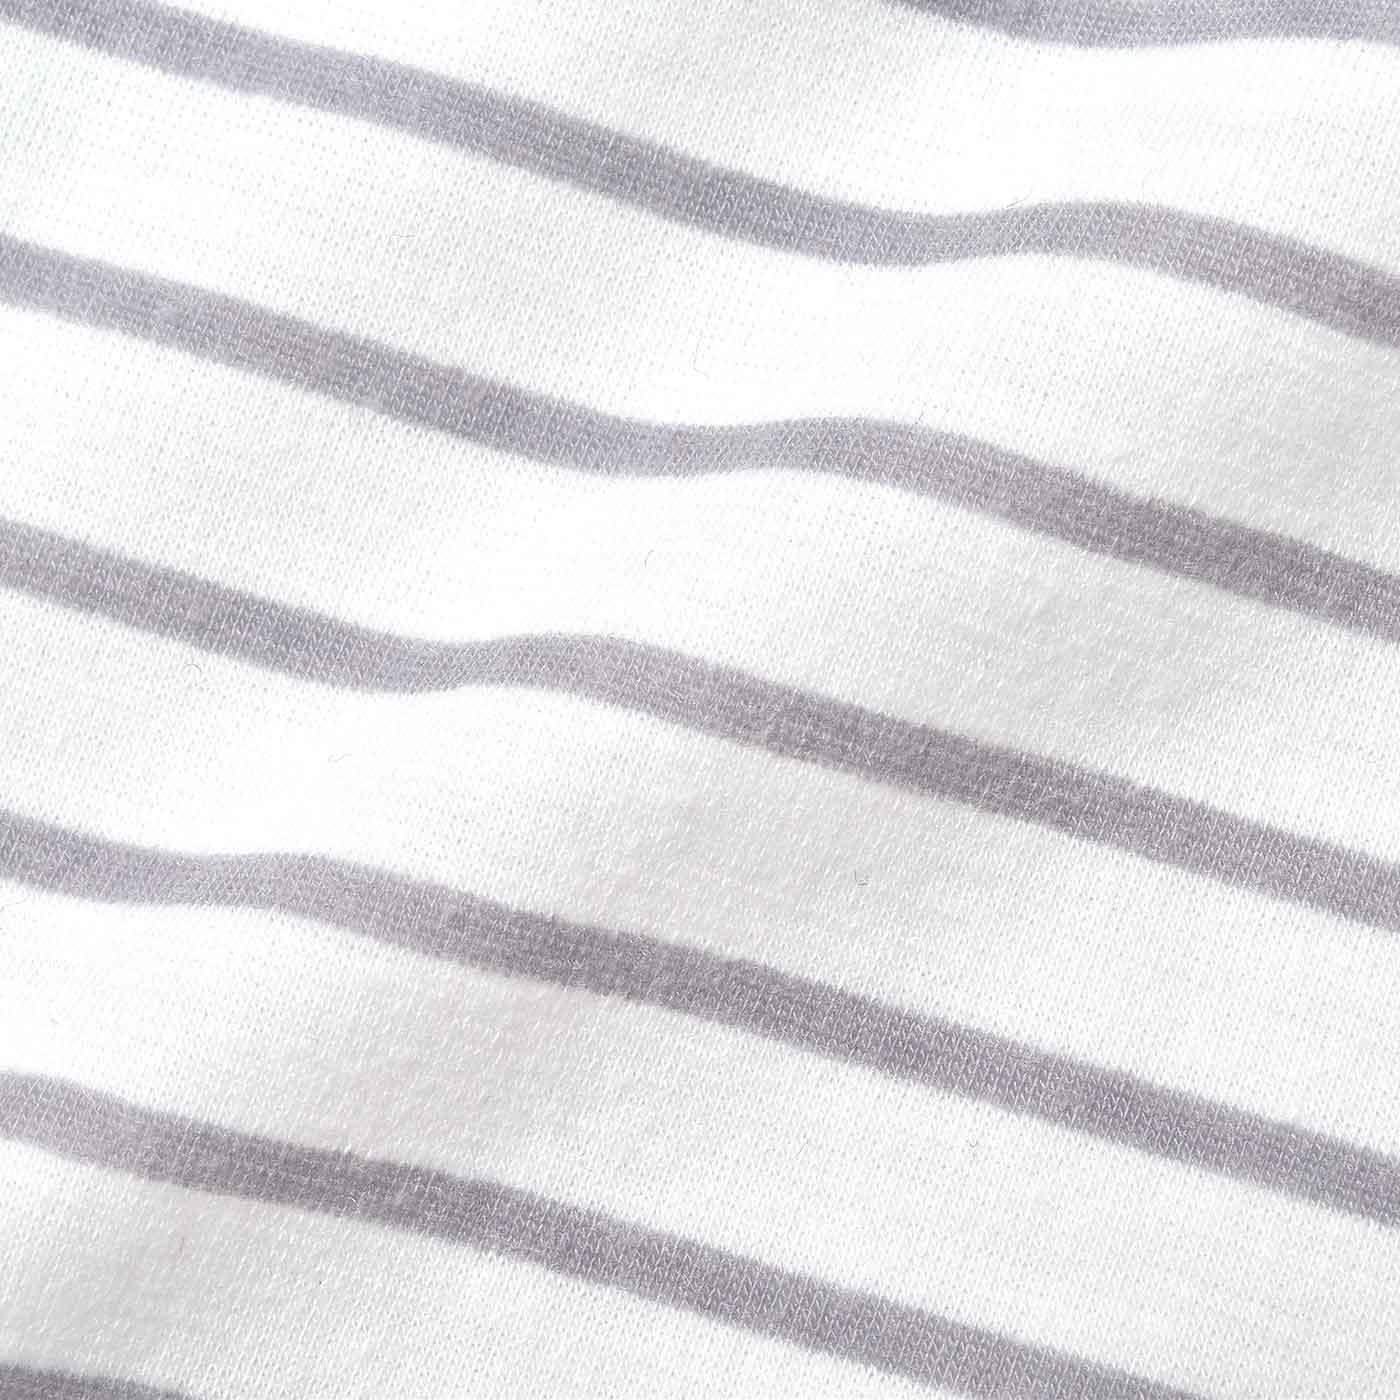 綿ライクな水着素材。インナー部分は吸水速乾で、汗をかいてもさわやか。